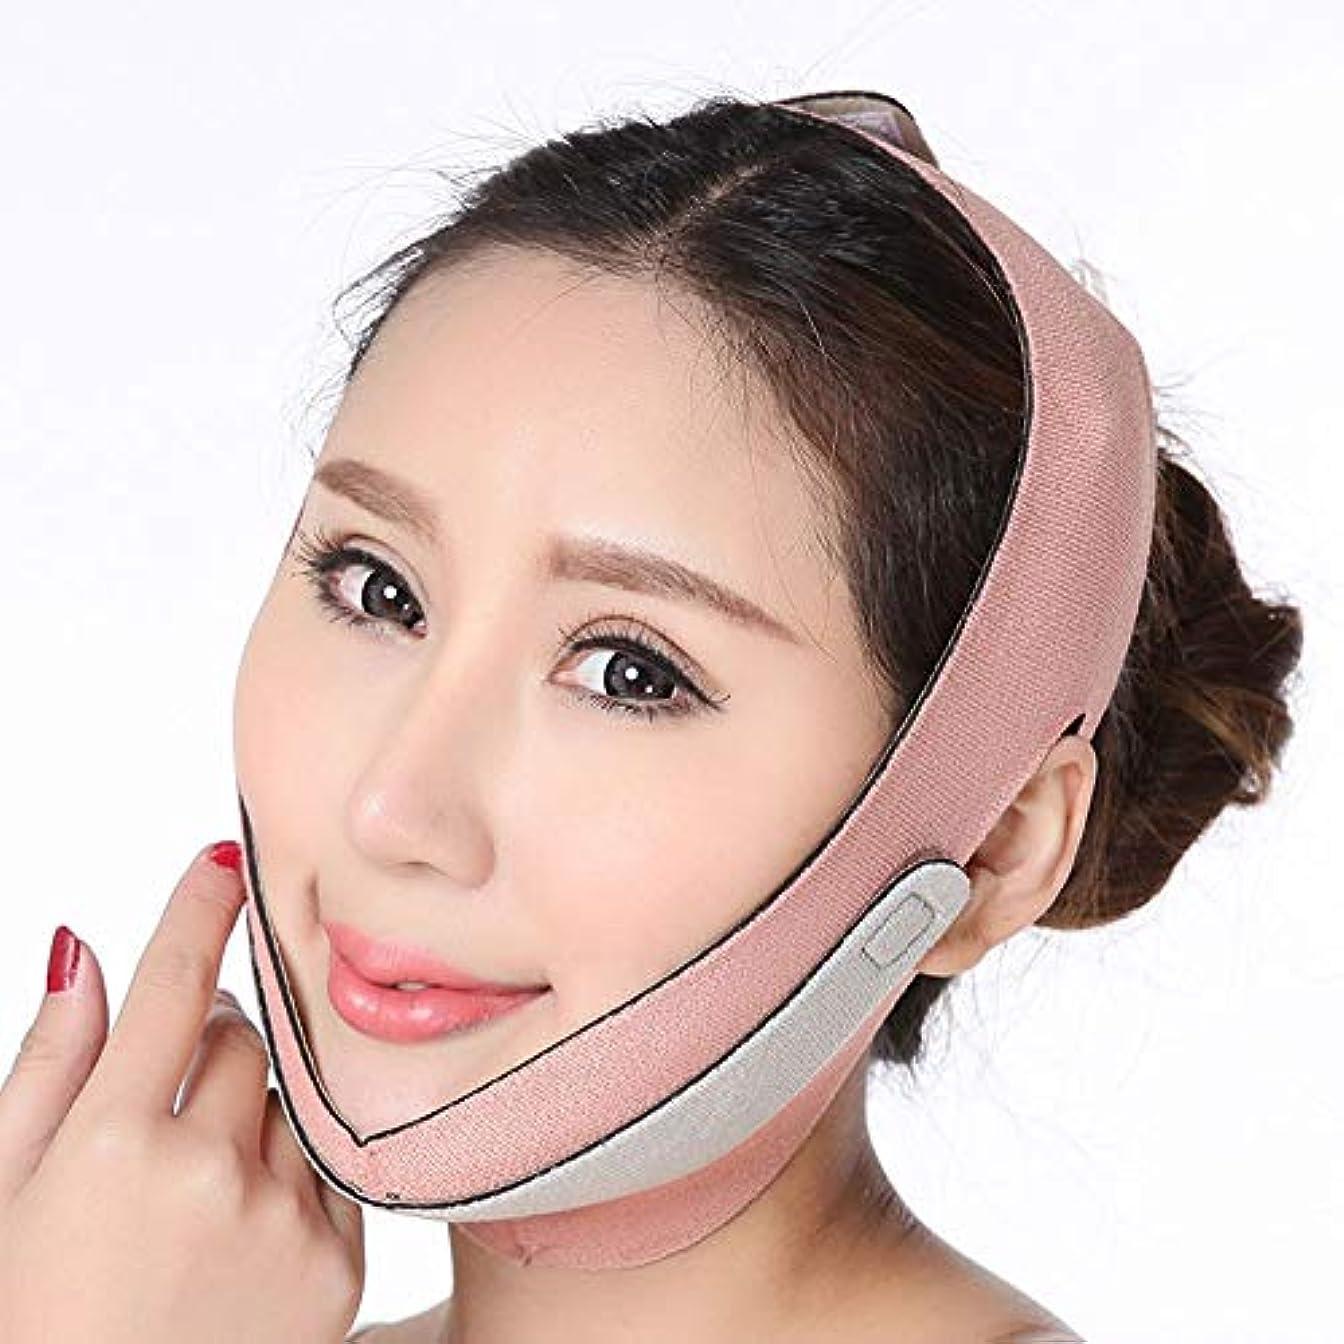 農奴意味のあるイデオロギーJia Jia- シンフェイス包帯シンフェイスマスクフェイスリフトアーティファクトレイズVフェイスシンフェイスフェイスリフティング美容マスク小フェイス包帯 顔面包帯 (色 : A)